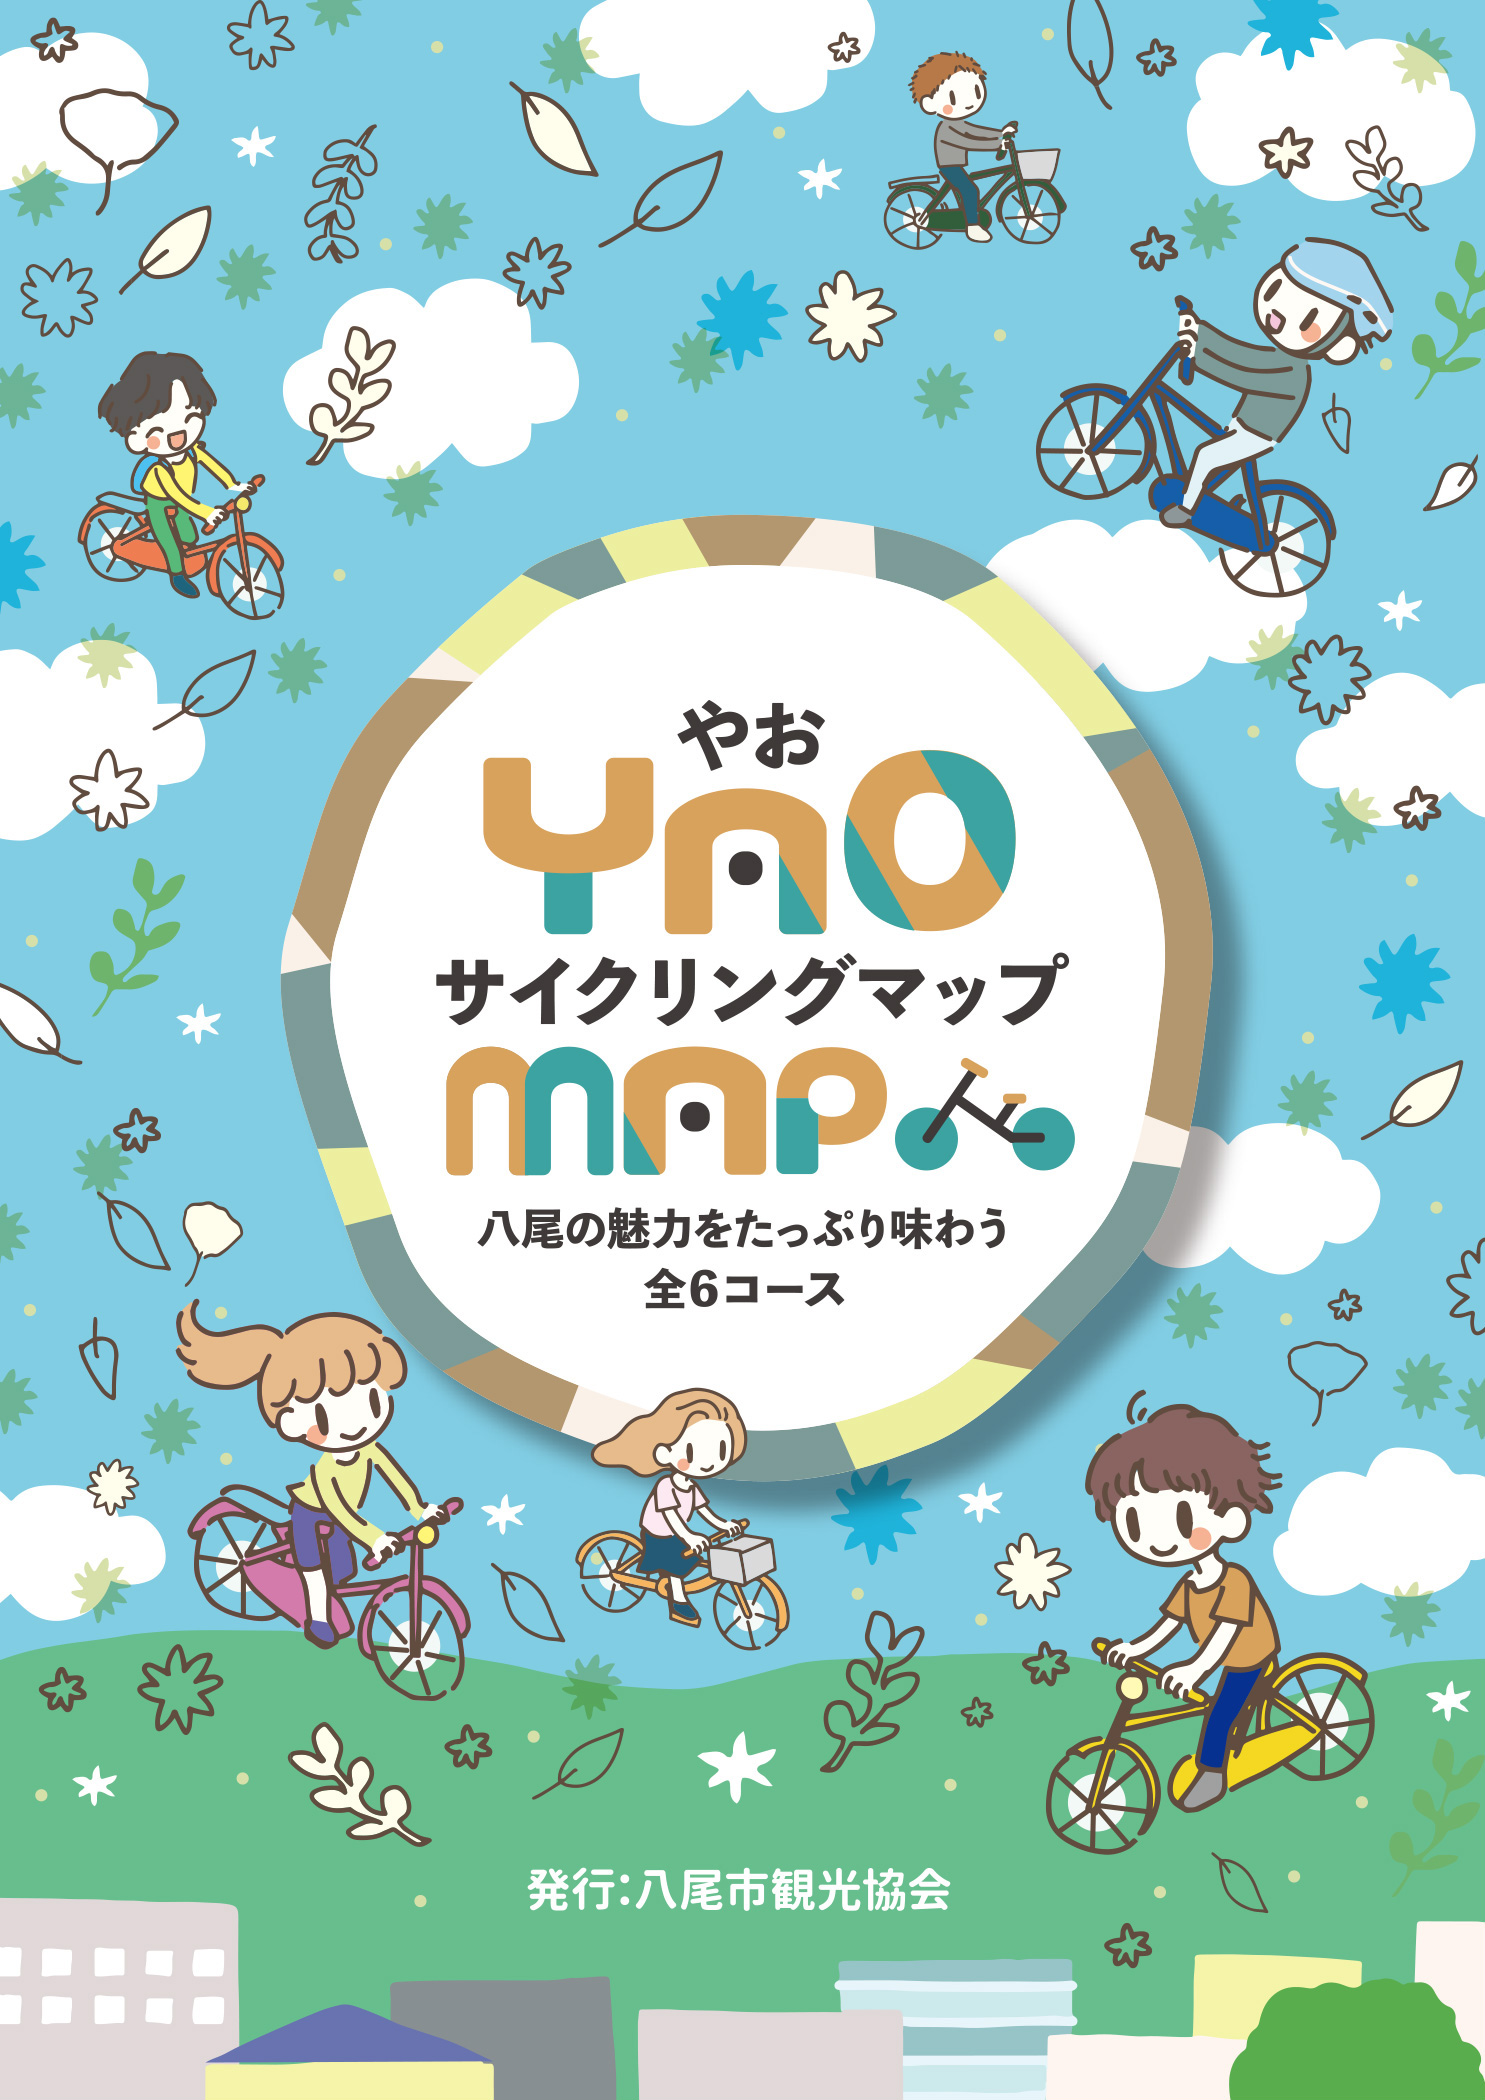 やおサイクリングマップ(八尾市観光協会)